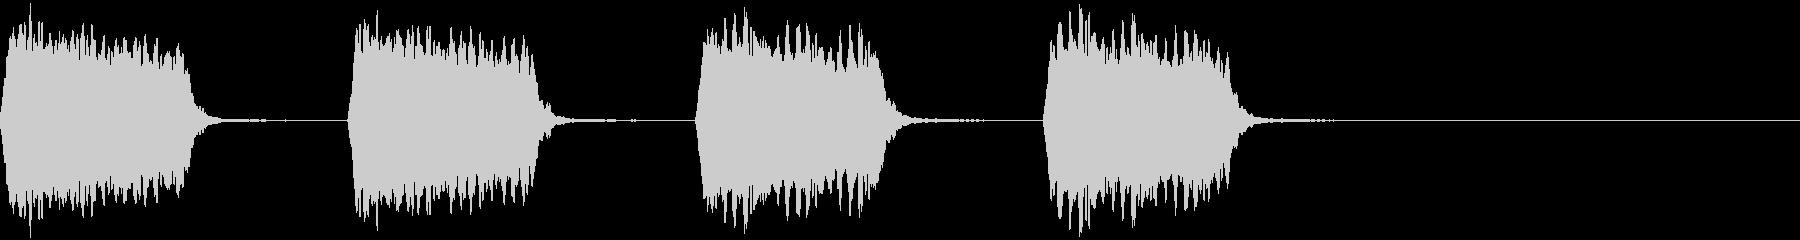 電話の呼び出し音5の未再生の波形